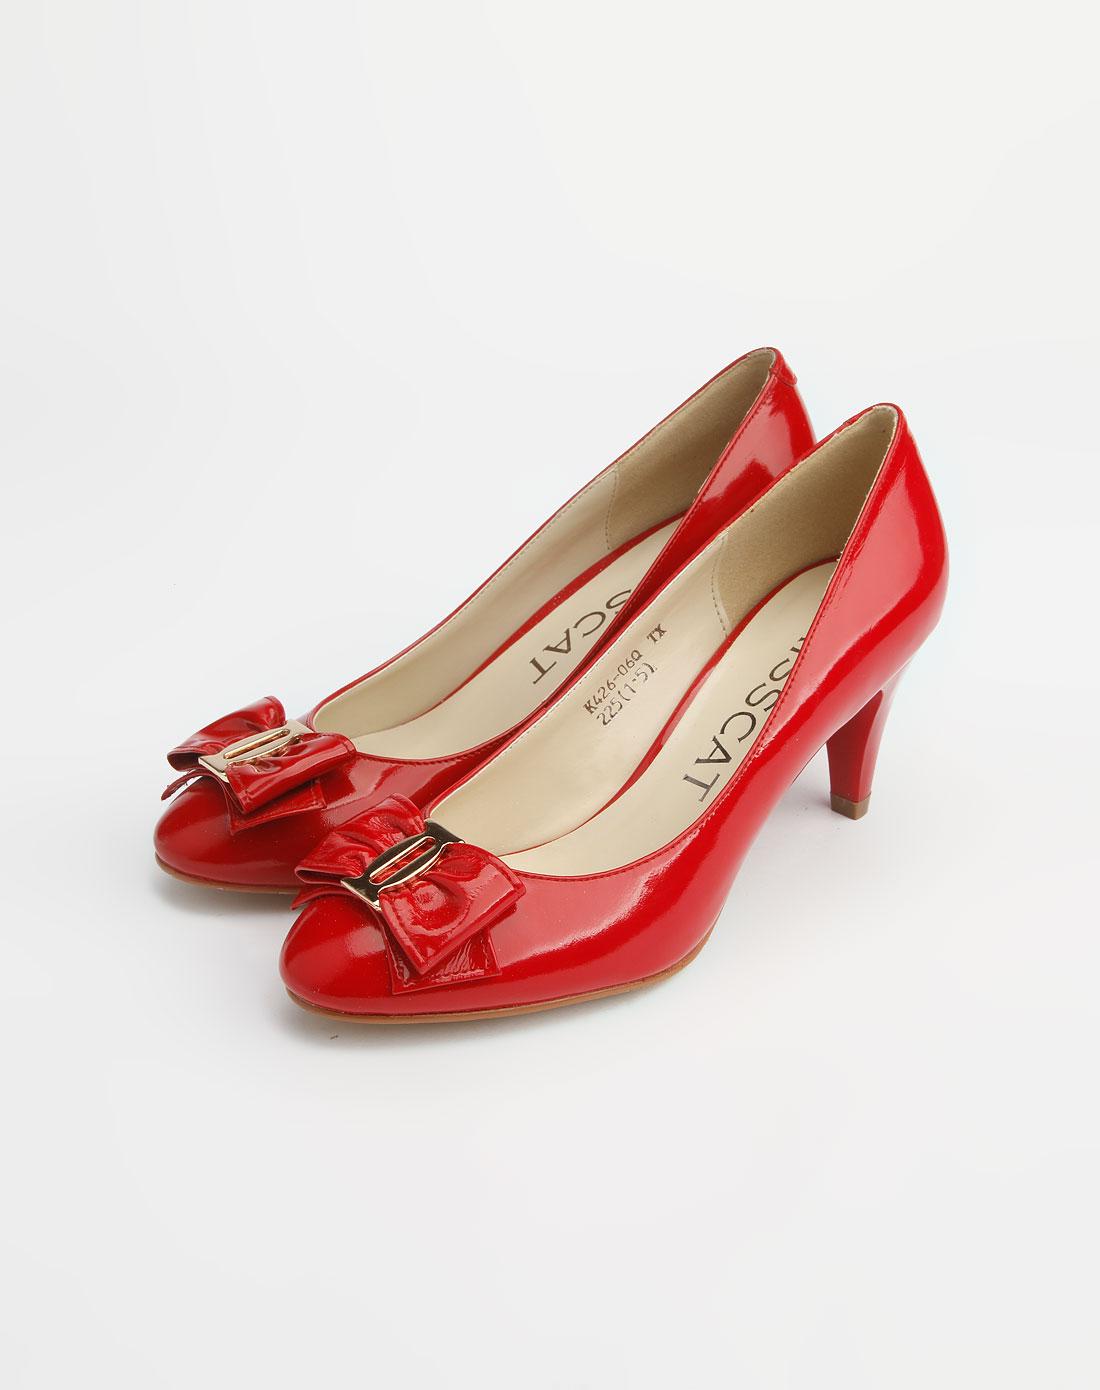 红色蝴蝶结高跟单鞋_kisscat官网特价1.5-3.5折